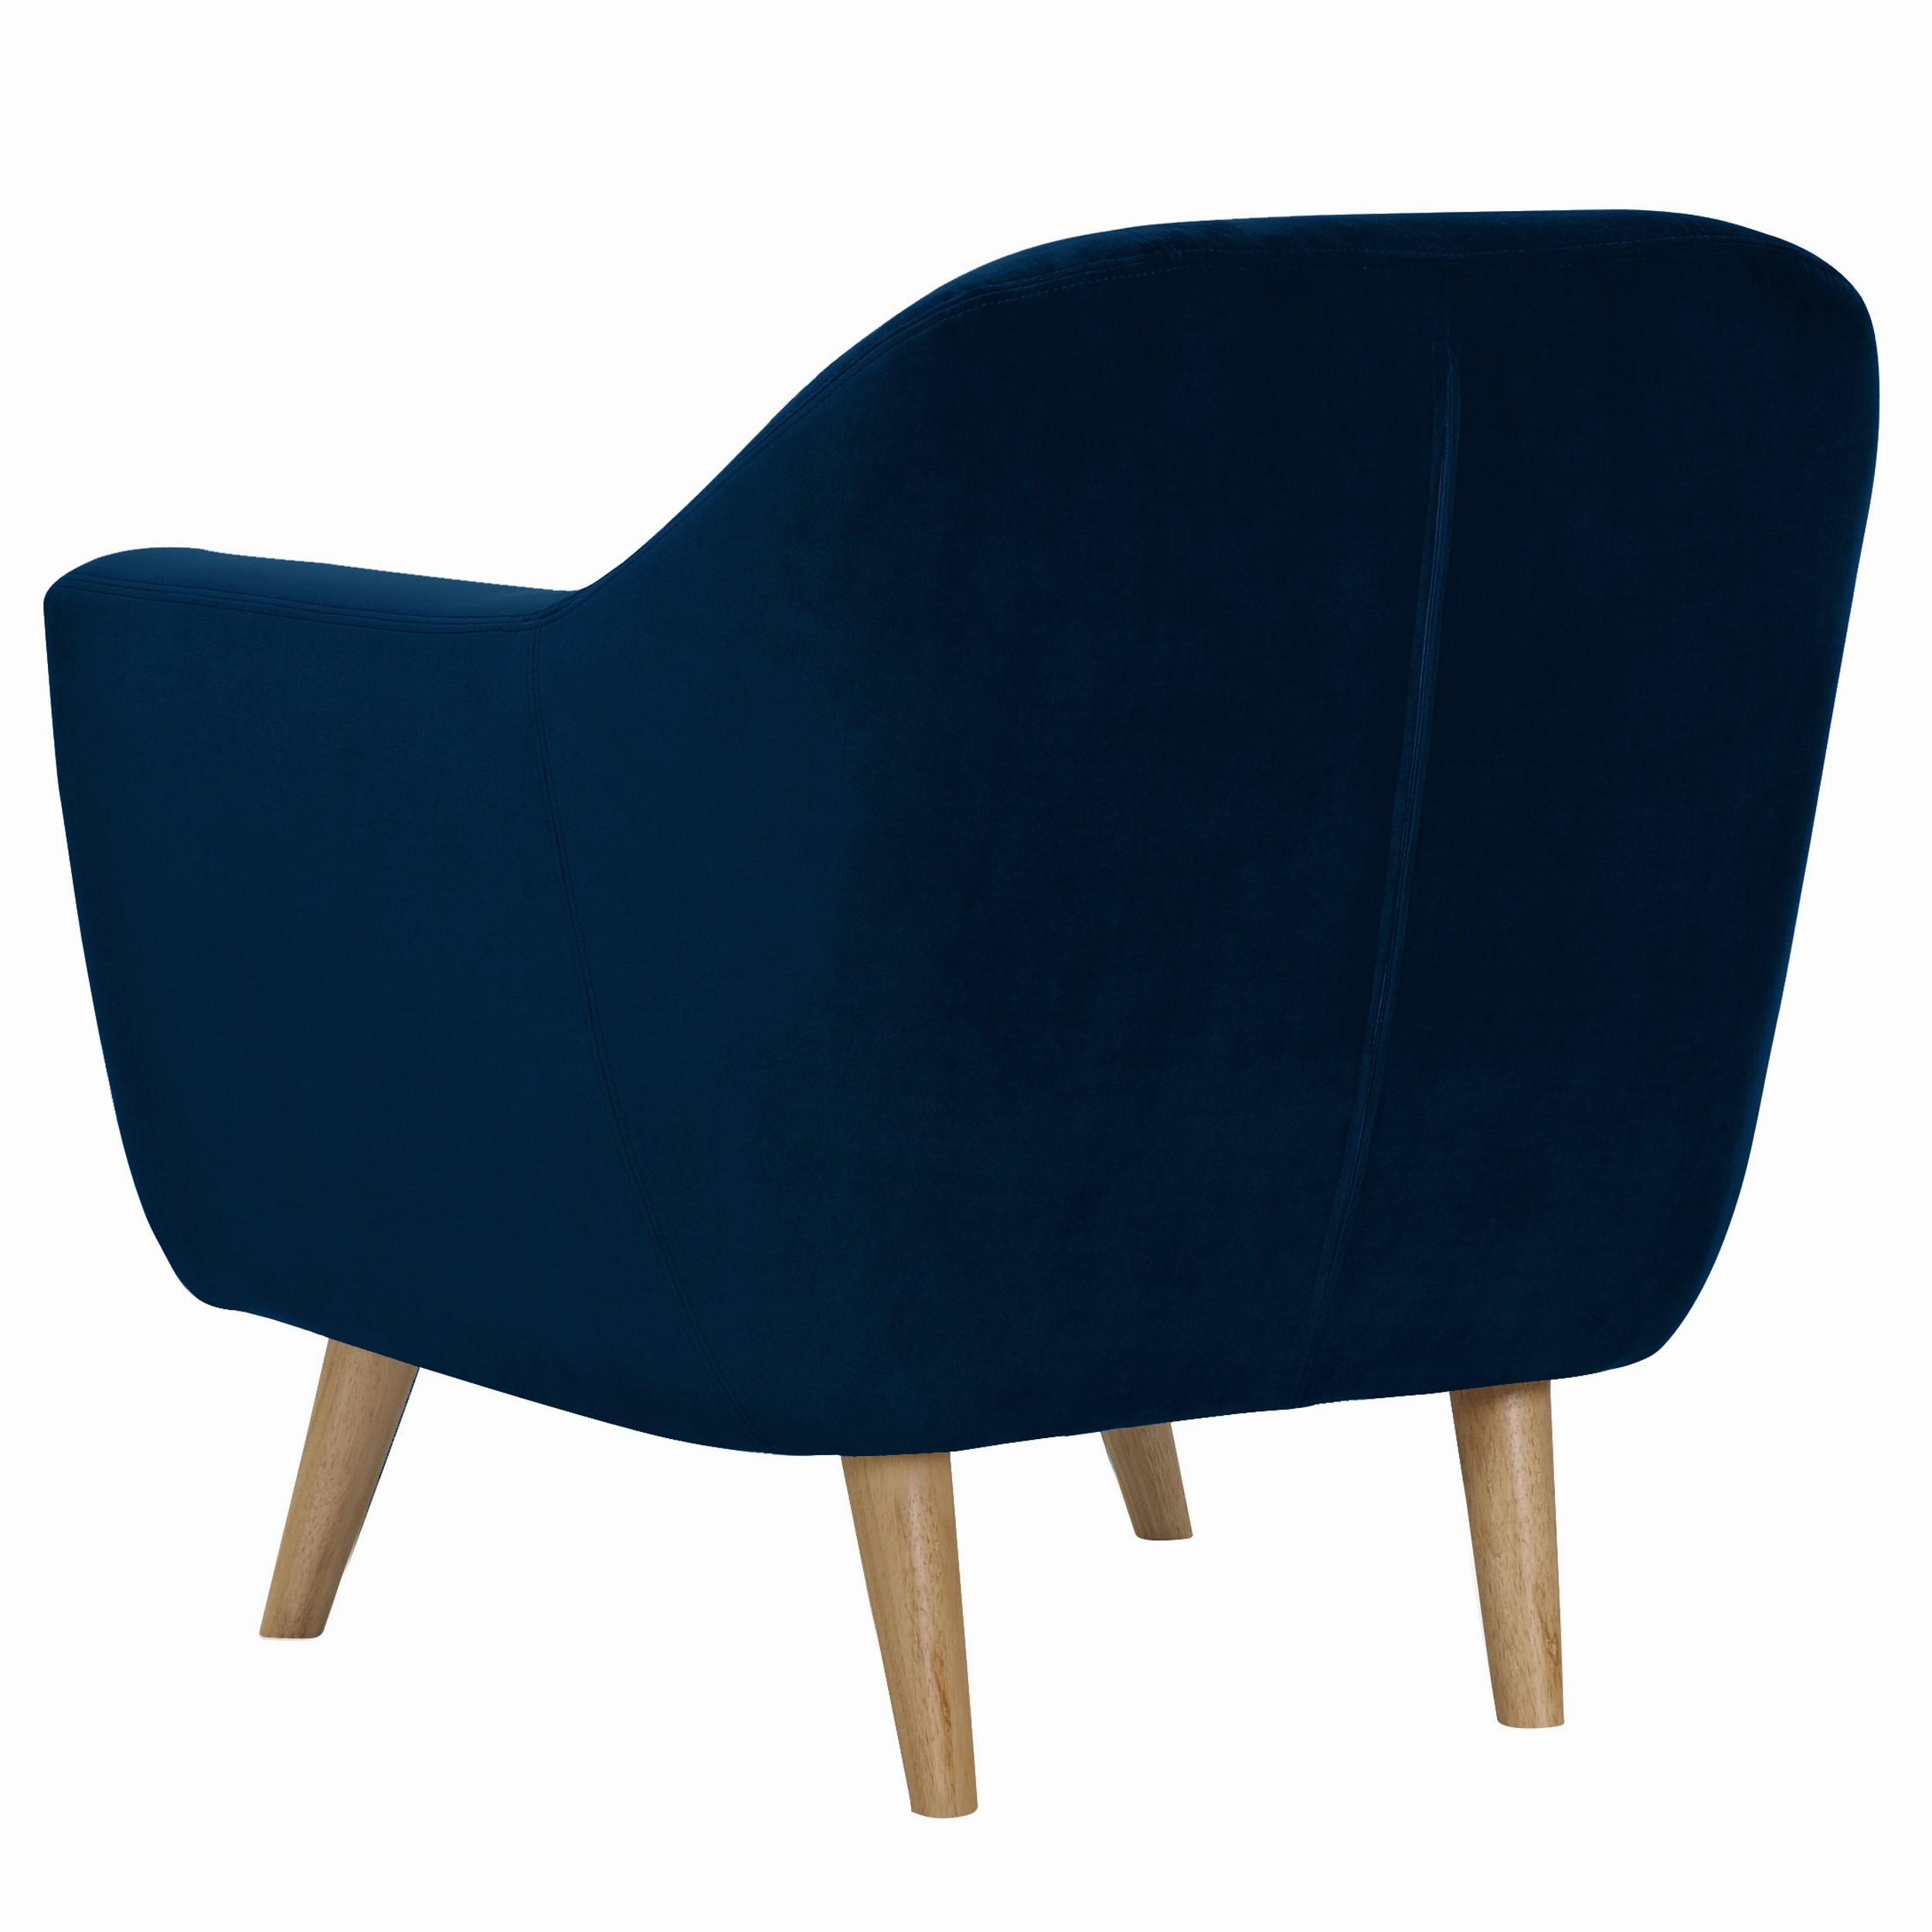 Fauteuil Rio en velours bleu foncé mandez les fauteuils Rio en